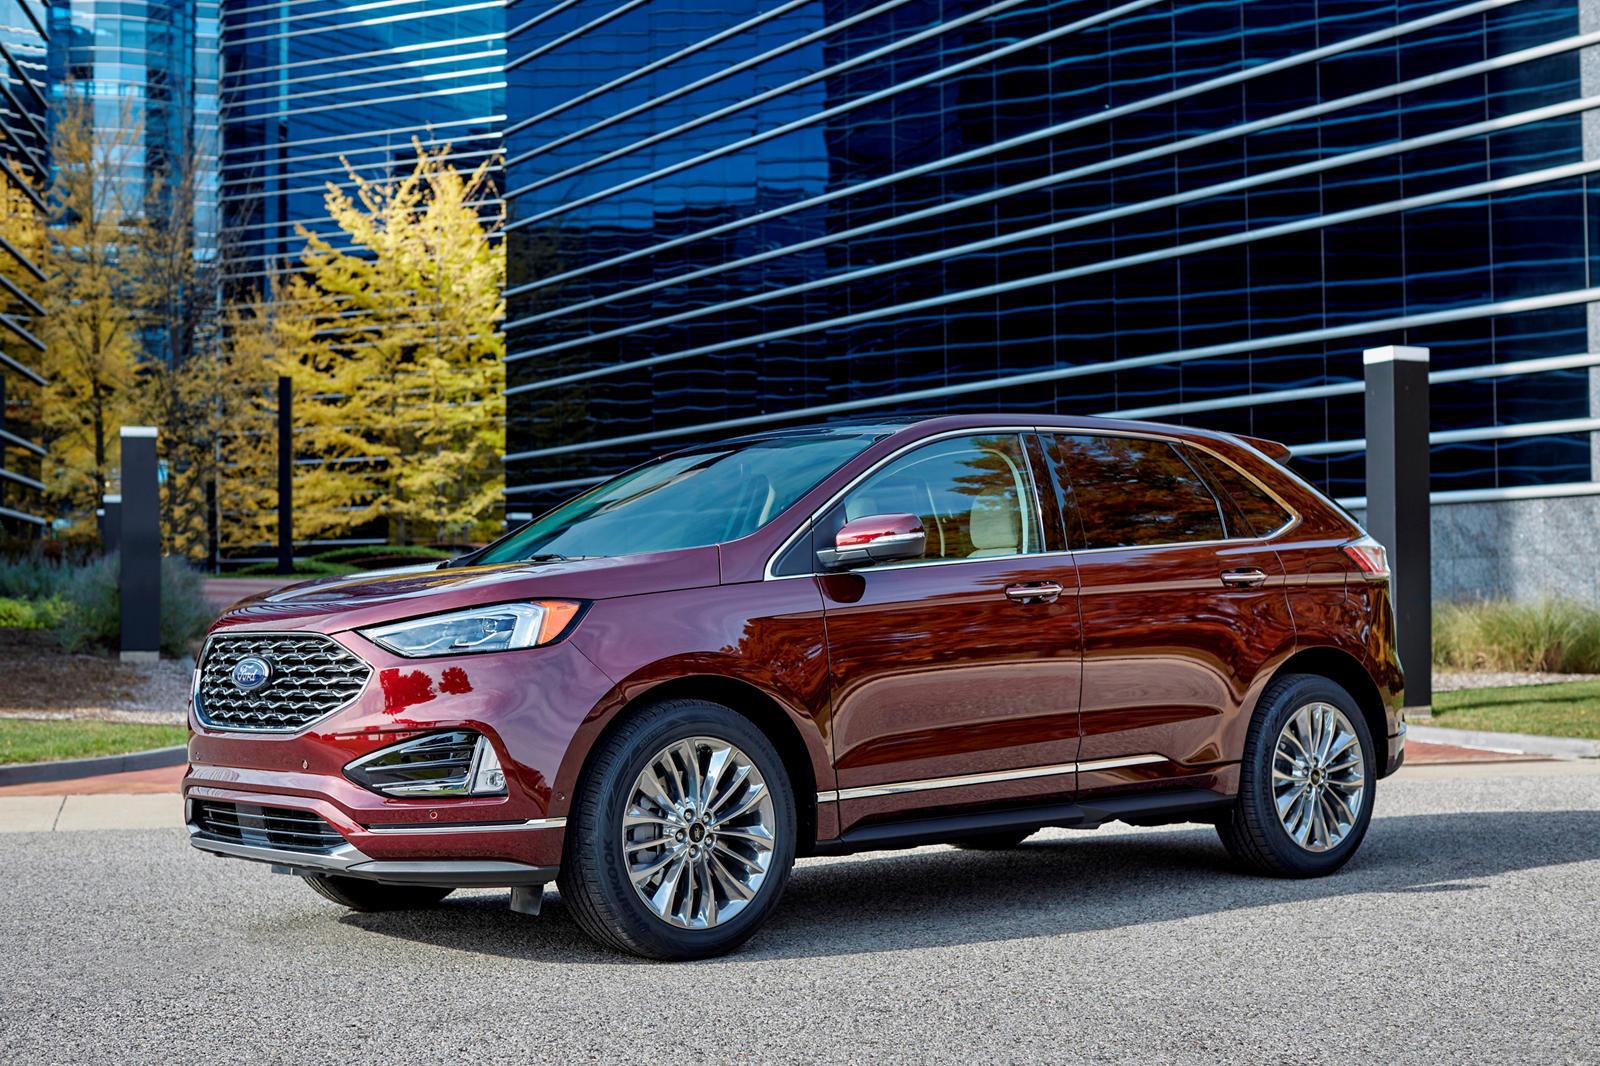 В течение нескольких месяцев мы знали, что Ford работал над чем-то вроде кроссовера, похожего на универсал, и вот он. Ford Evos, дебютировавший на Шанхайском автосалоне в этом году, первый автомобиль, который автопроизводитель разработал в основном в